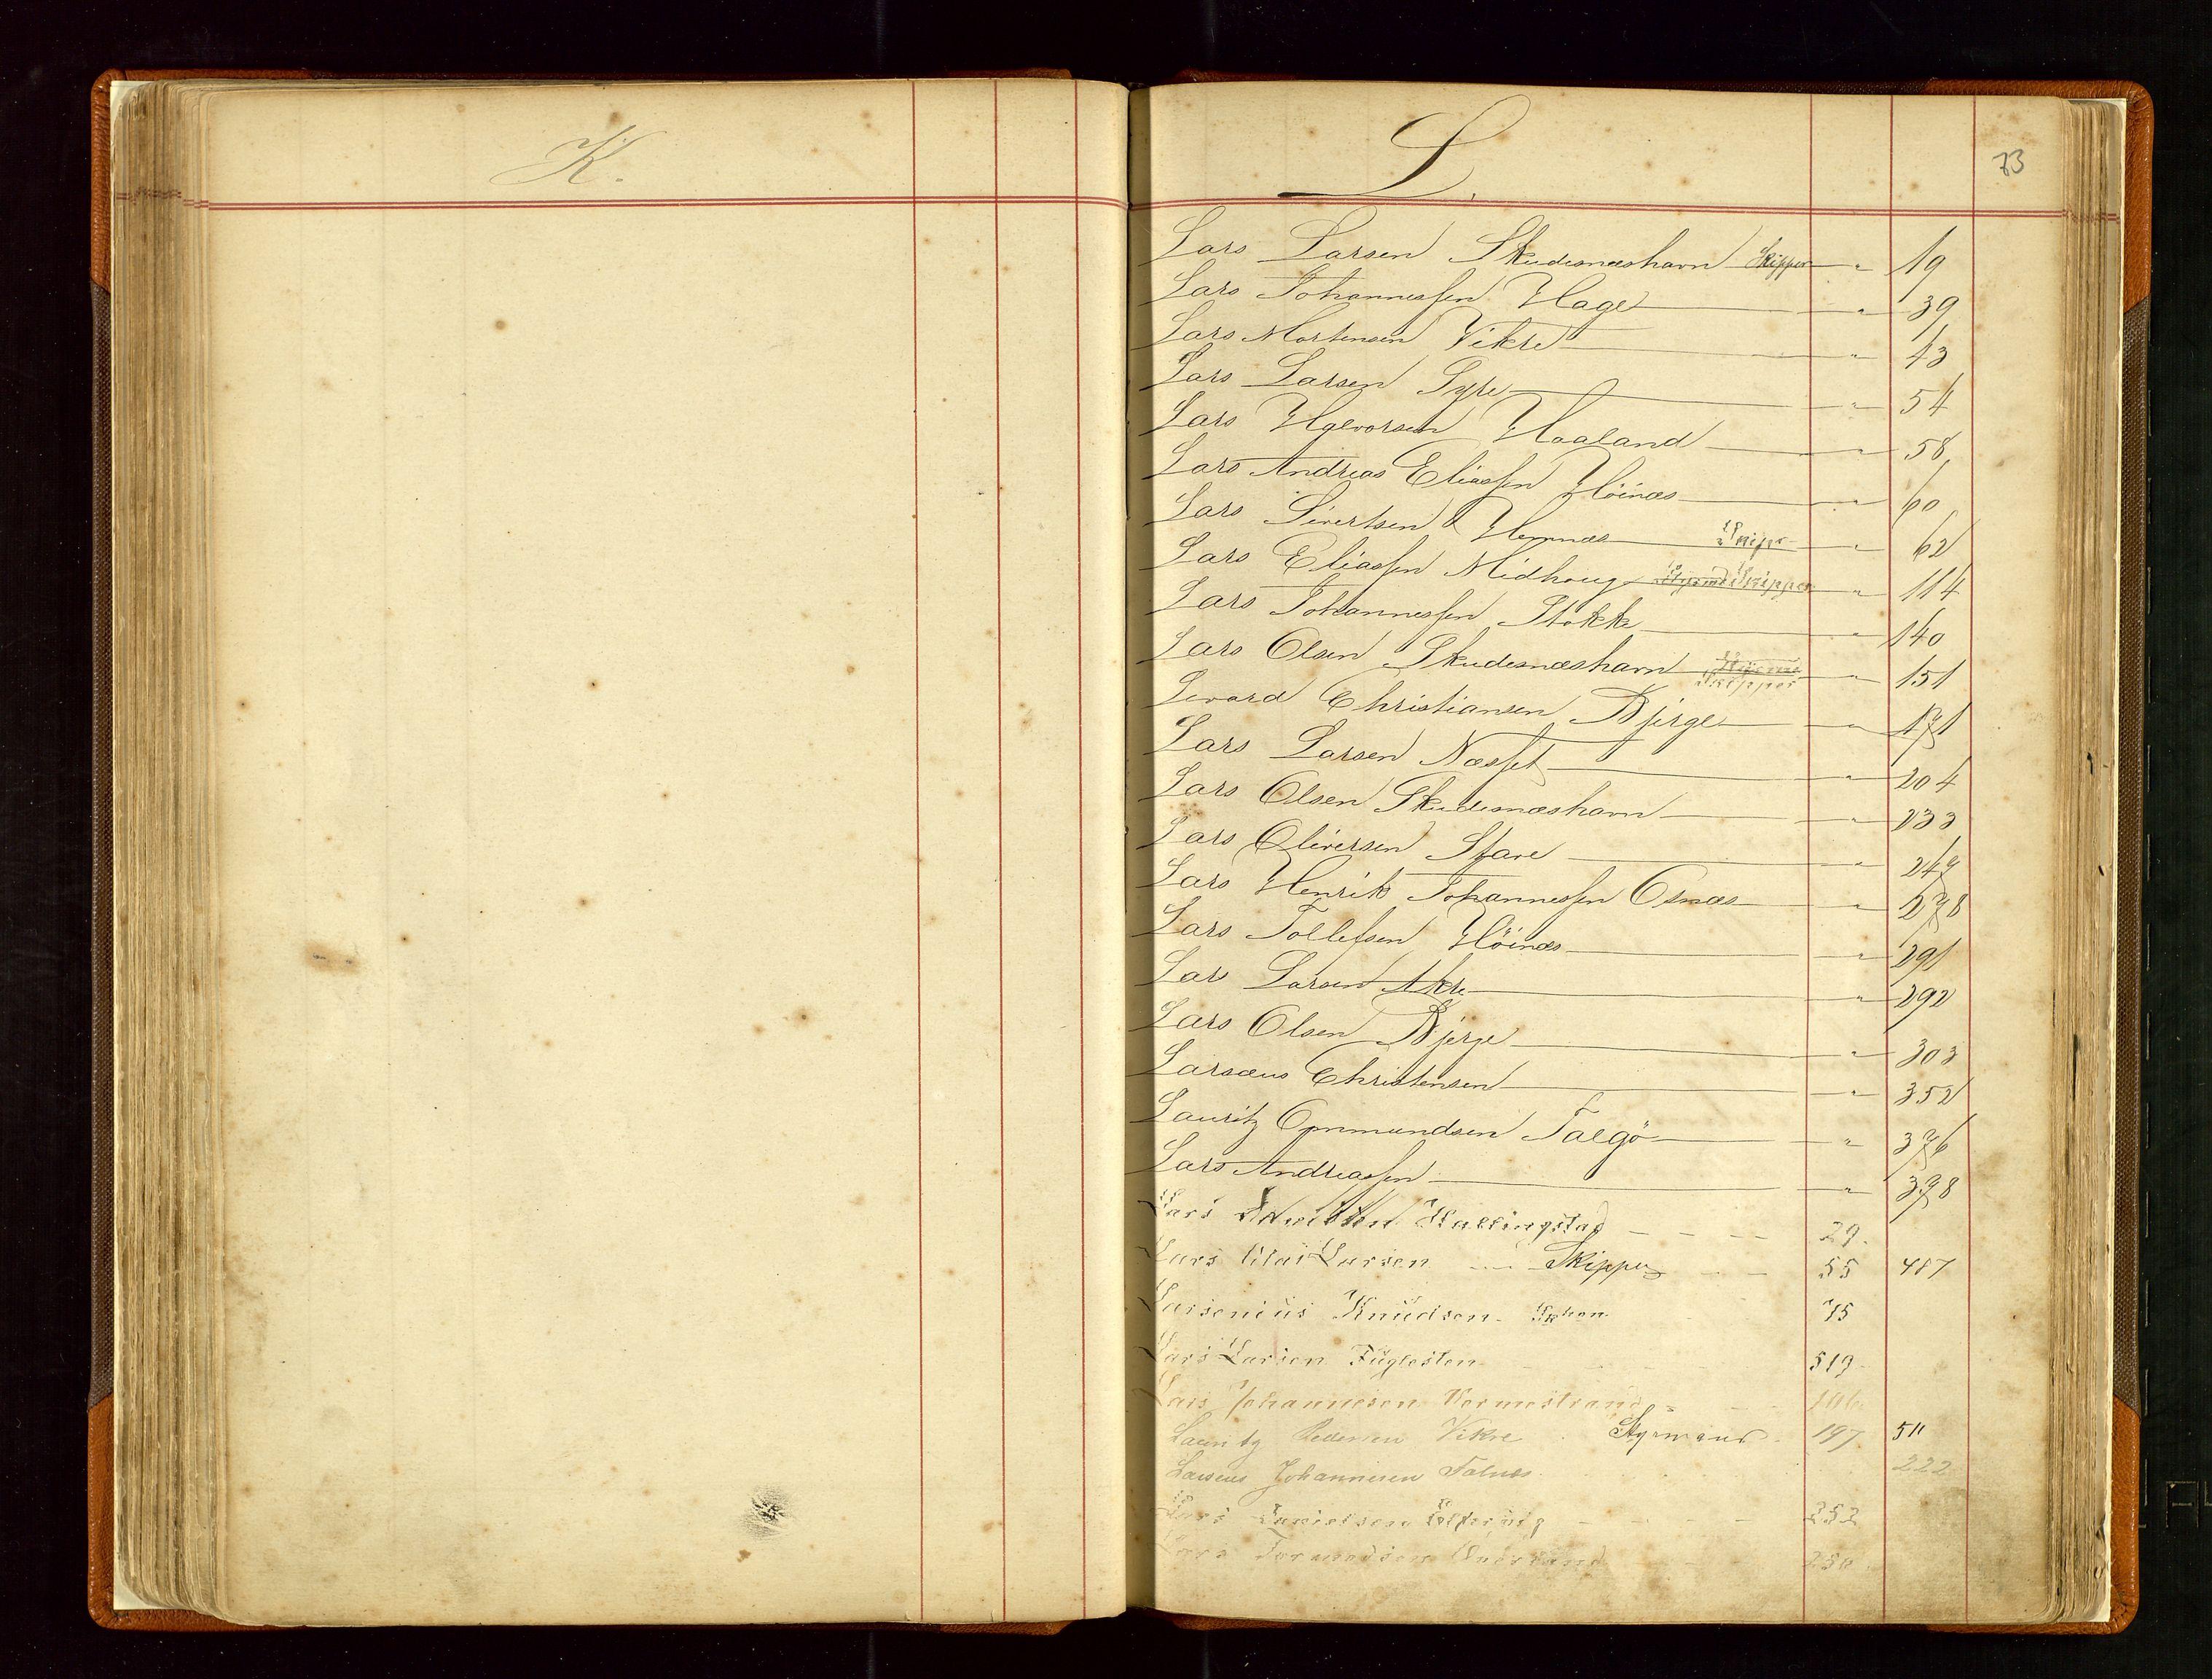 SAST, Haugesund sjømannskontor, F/Fb/Fba/L0003: Navneregister med henvisning til rullenummer (fornavn) Haugesund krets, 1860-1948, s. 73